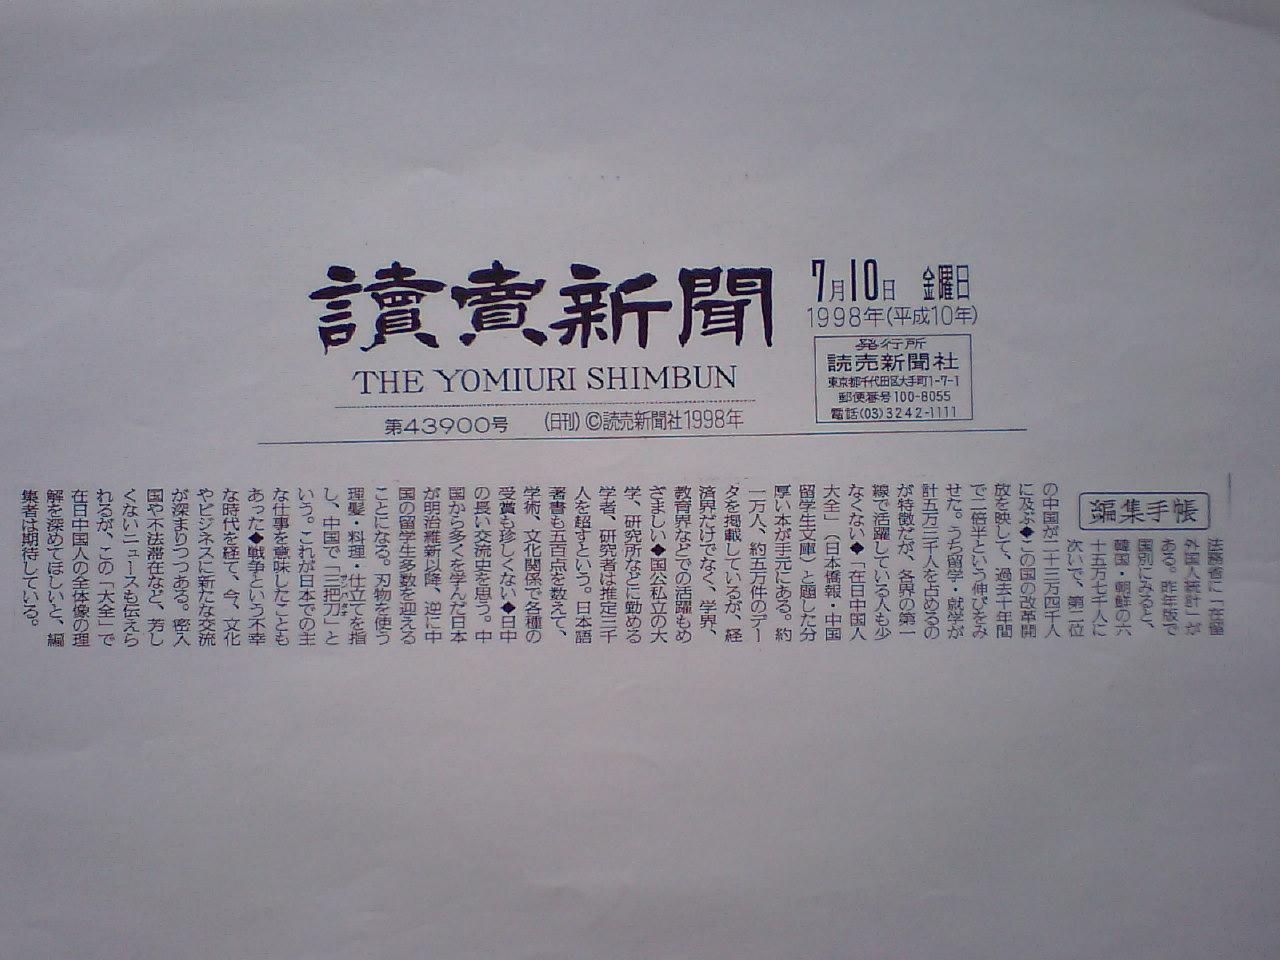 旧聞新録 10年前に『在日中国人大全』は読売新聞一面の名物コラムに登場しました_d0027795_1710304.jpg